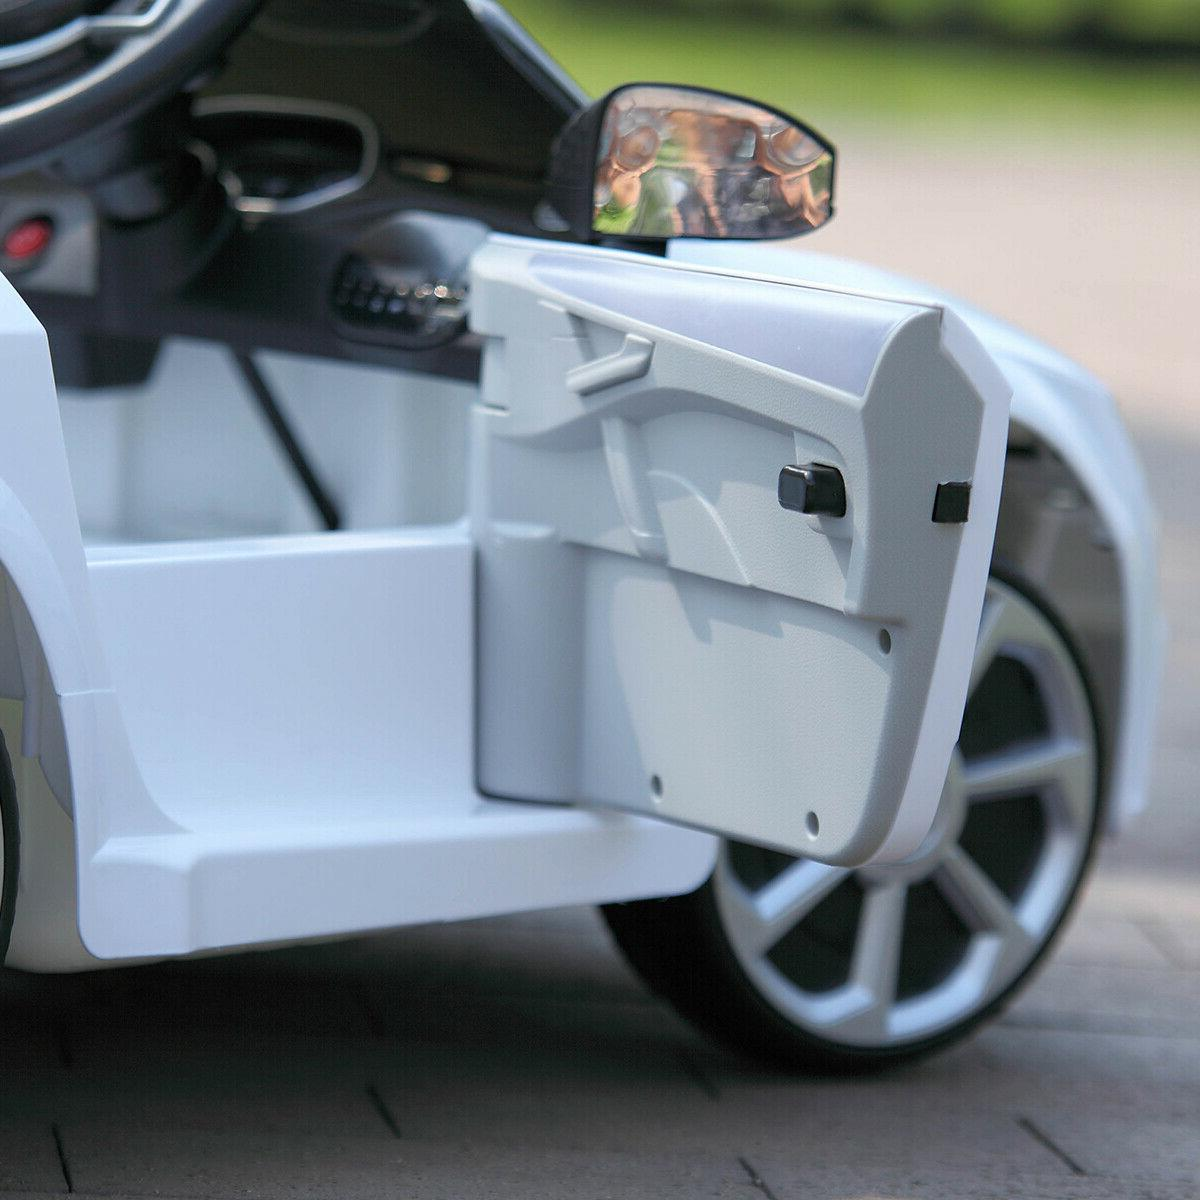 12V Ride Audi TT Toys Motor Control